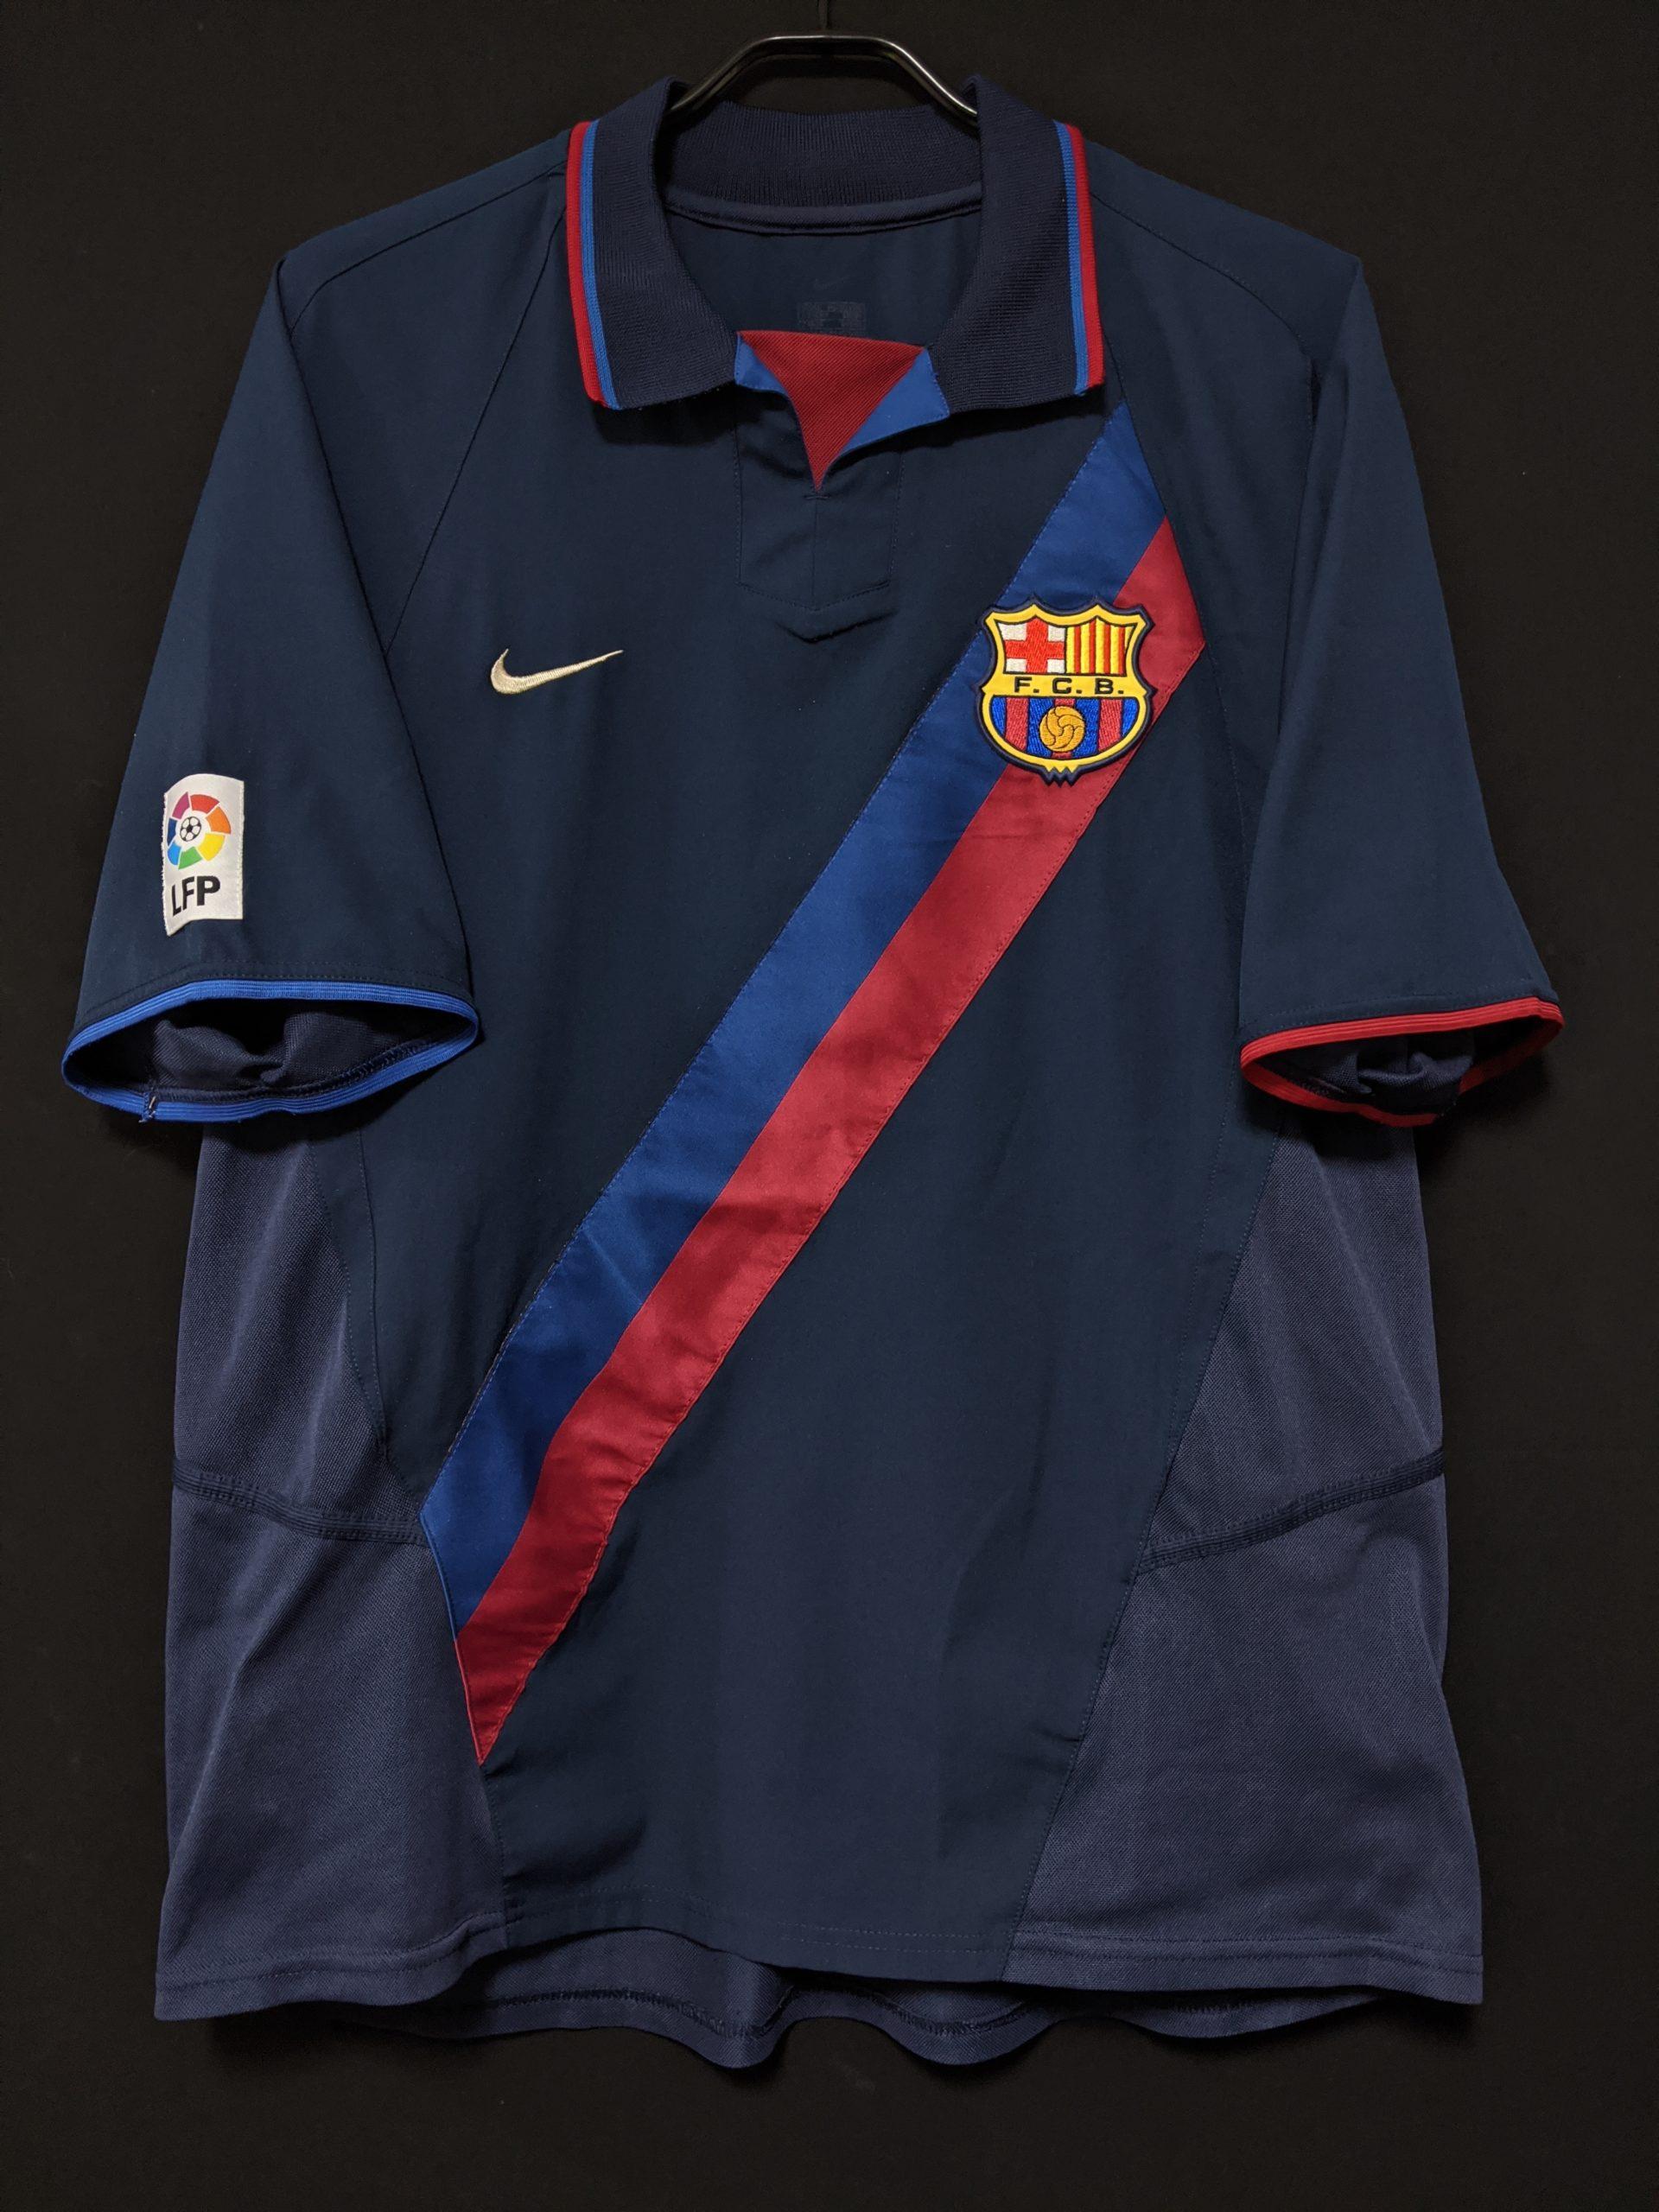 2002-03バルセロナのアウェイユニフォーム